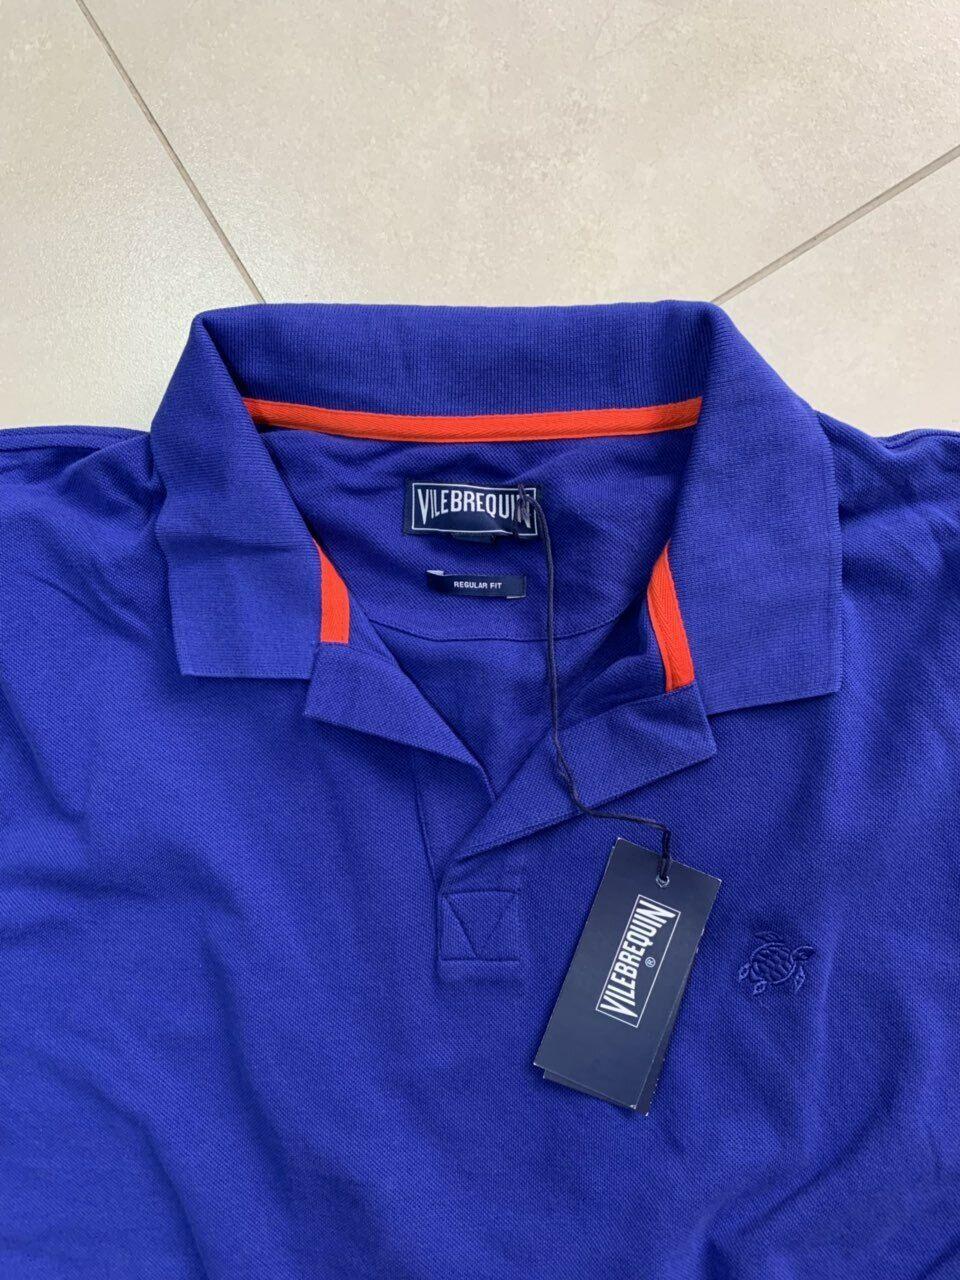 9f1cd5c9 Vilebrequin Men T-shirt Size M Cotton Pique Polo Solid color Neptune bluee